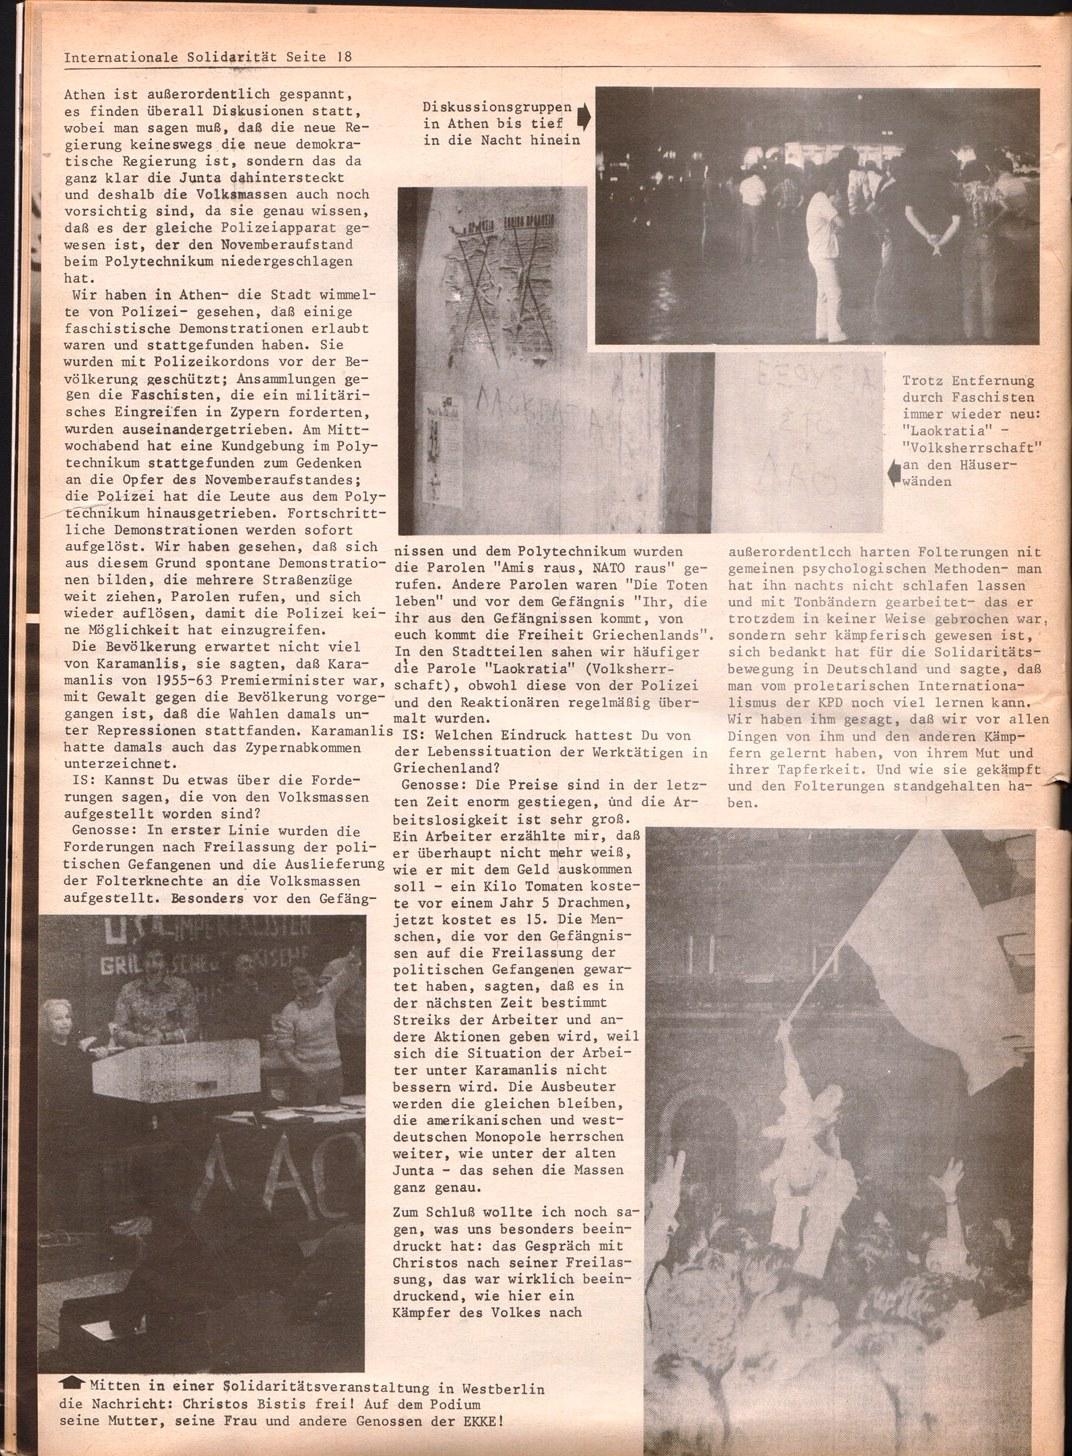 Liga_IS_1974_08_15